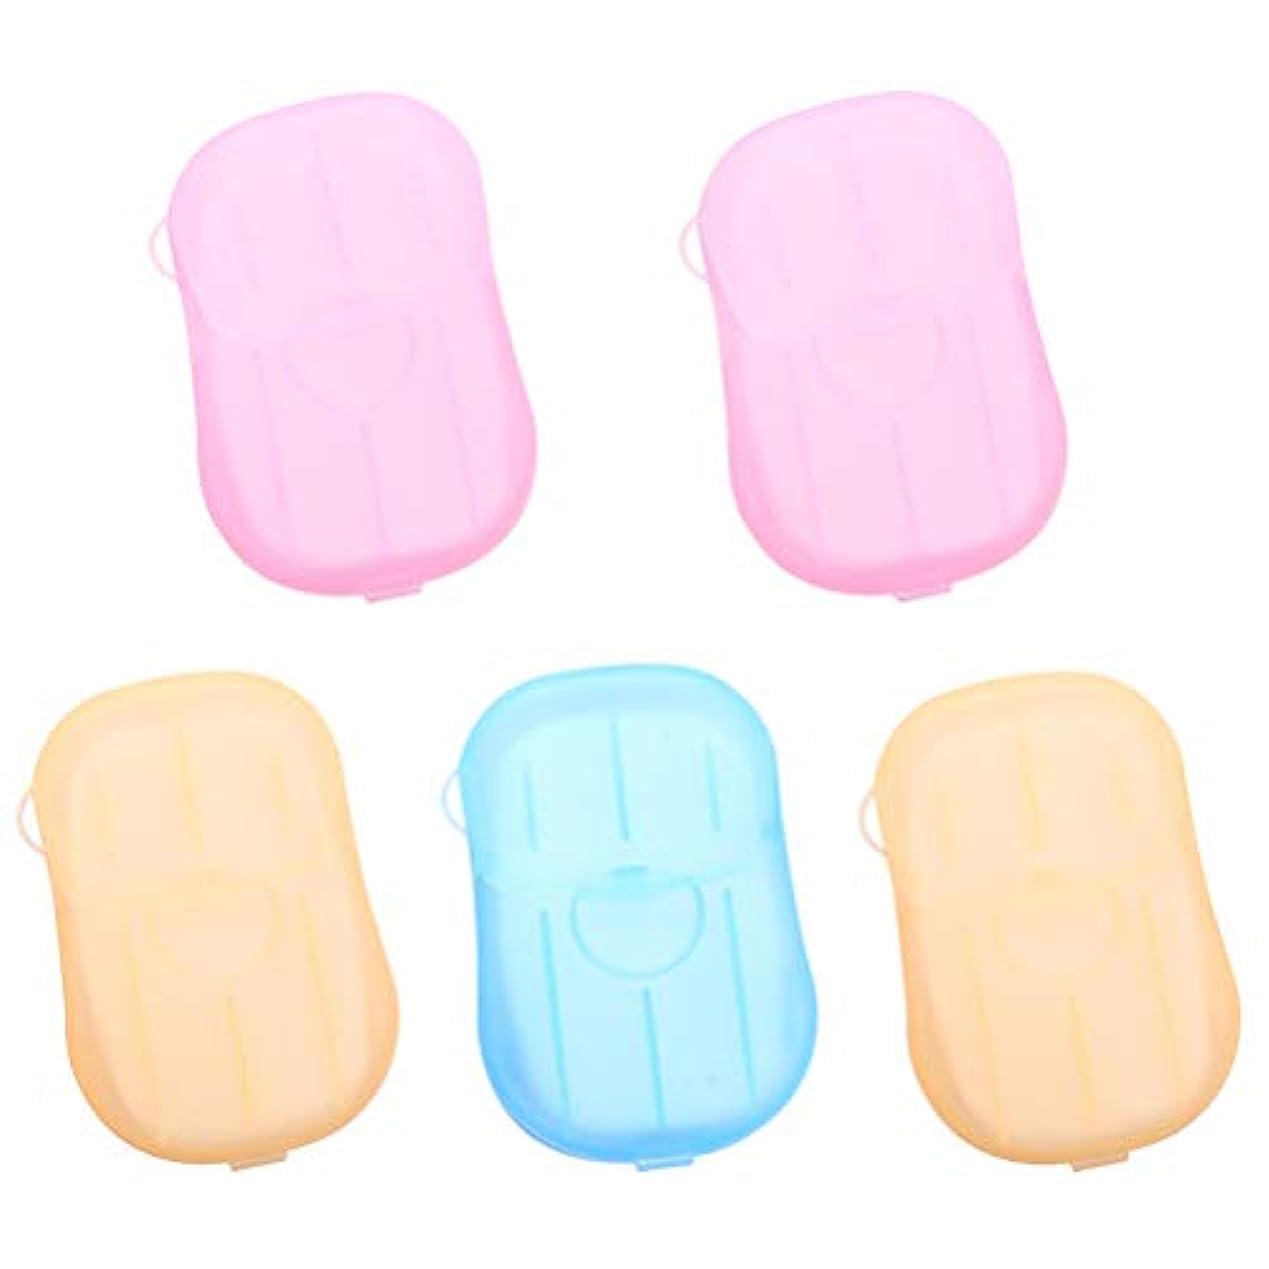 嫌がる急流ロードされたHealifty 5pcs乾燥石鹸は、発泡ボックスの紙の石鹸のフレークを洗うハンドバス石鹸のスライドシート